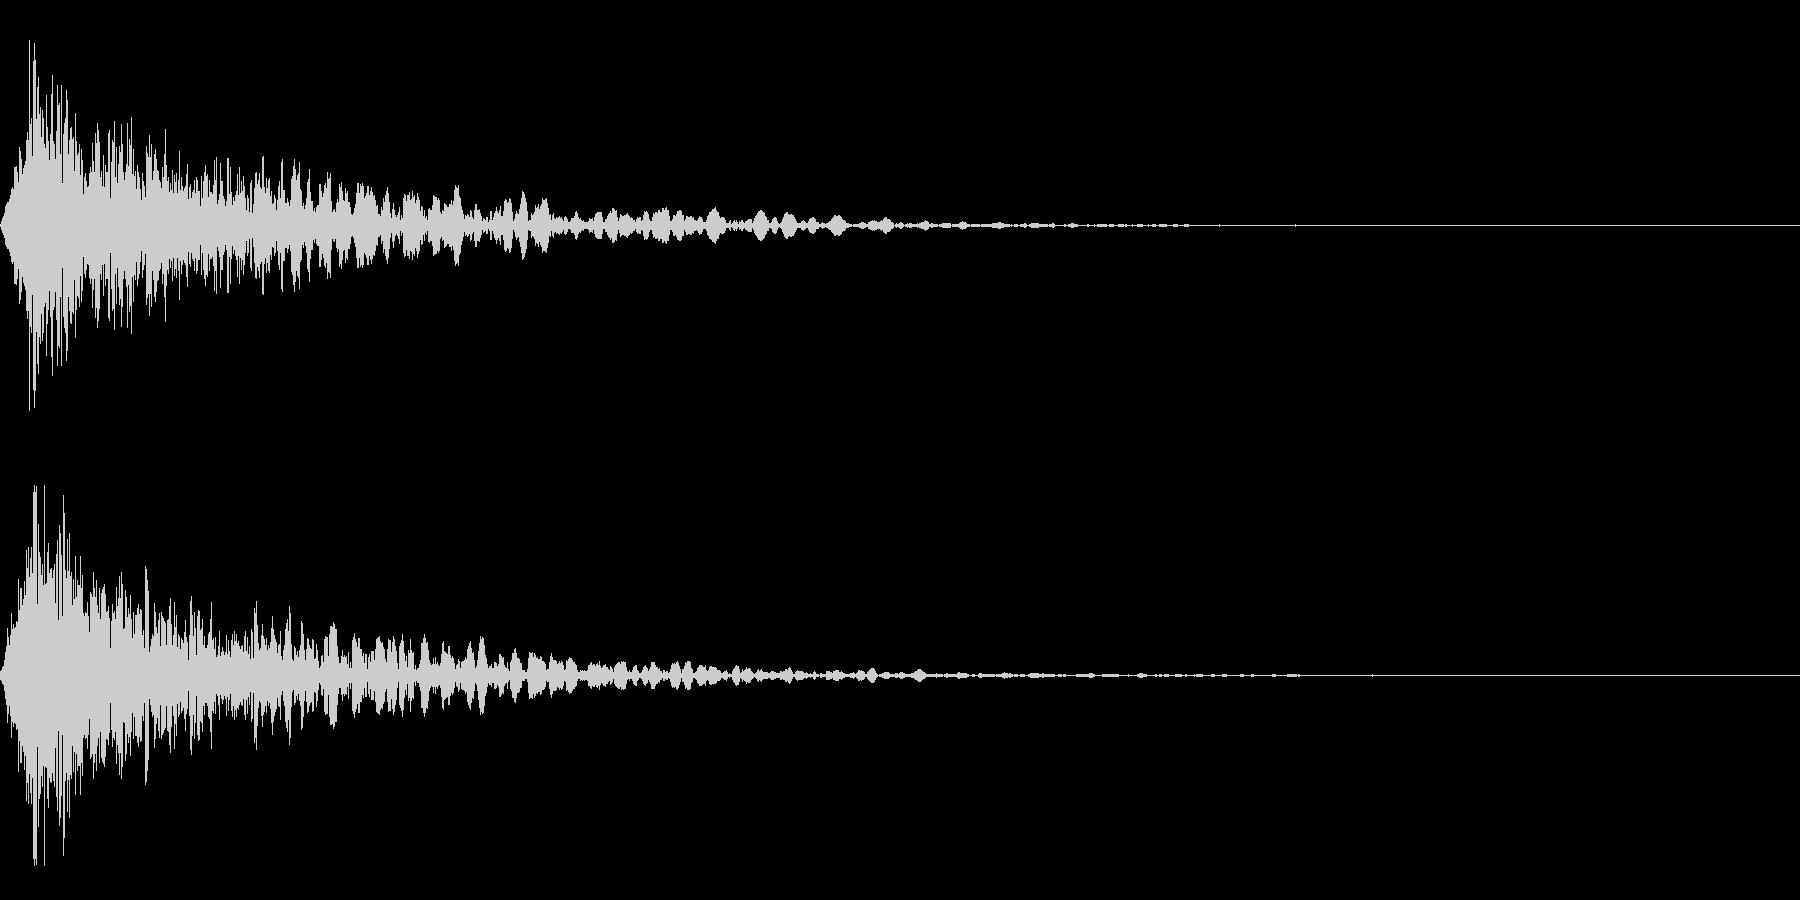 ホラー系アタック音69の未再生の波形